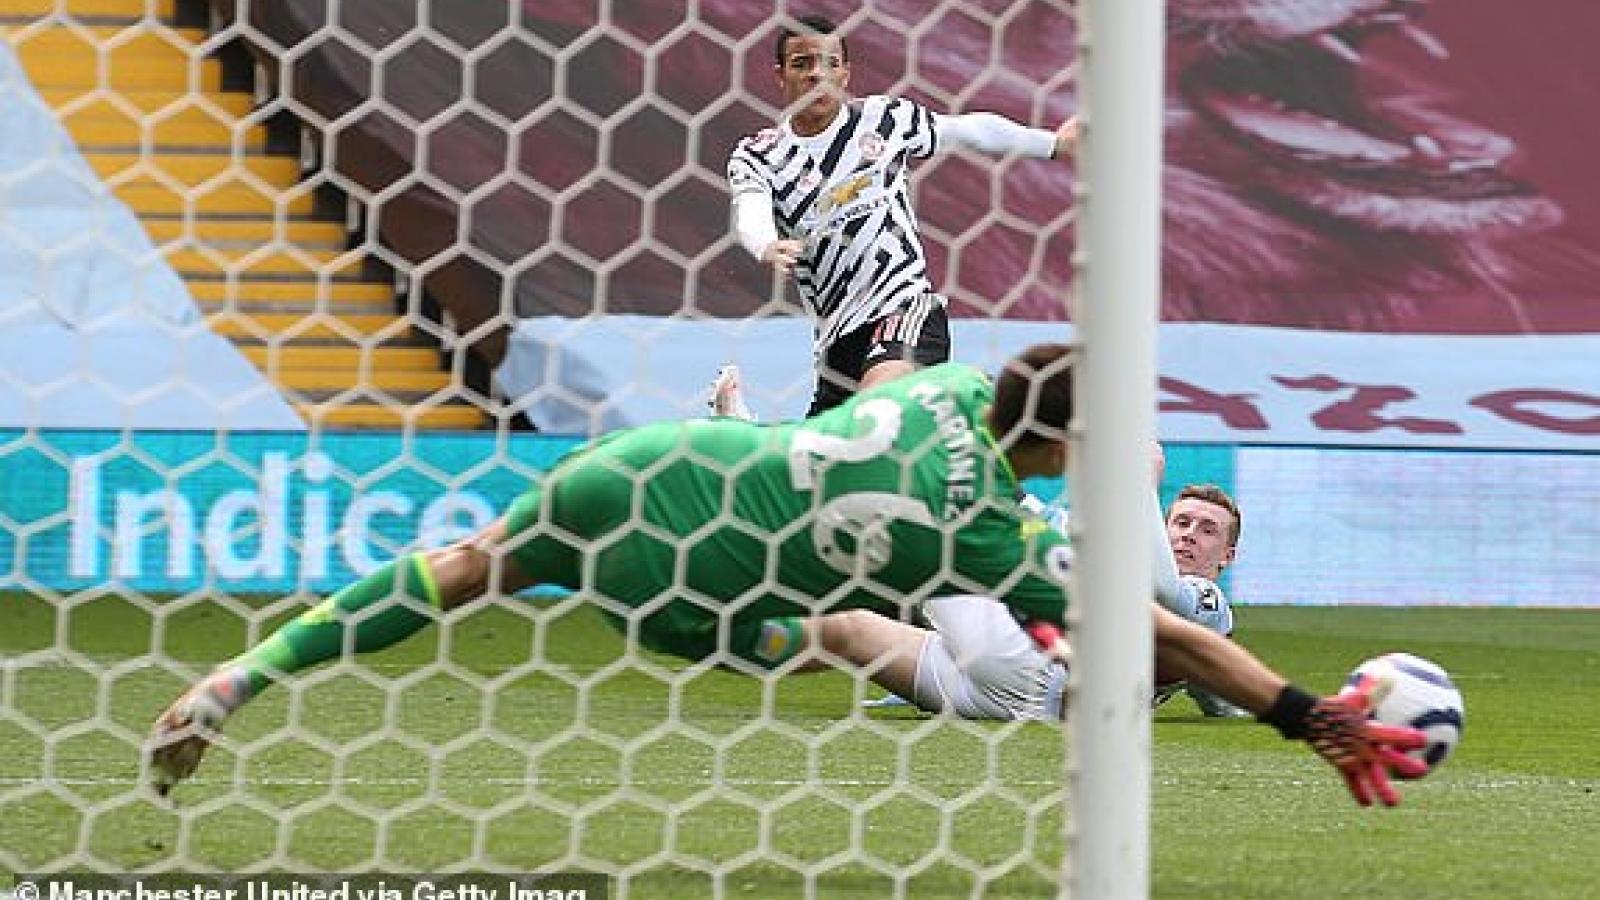 TRỰC TIẾP Aston Villa 1 - 2 MU: Quỷ đỏ ngược dòng như một thói quen